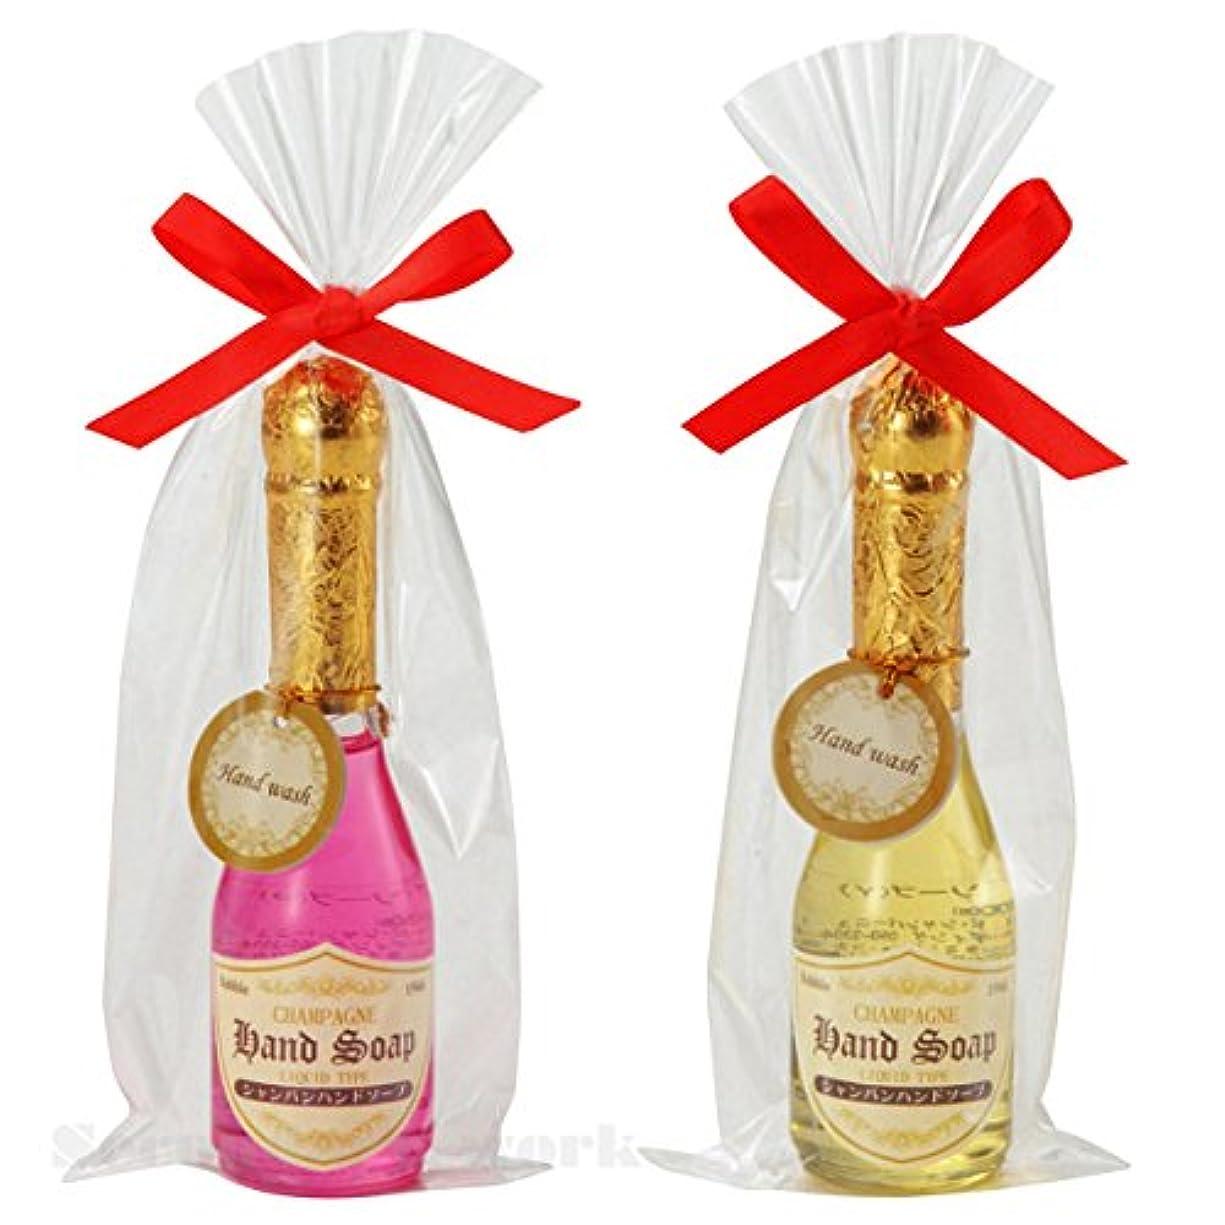 気楽な周囲支払い【96本セット販売(2色取混ぜ)】シャンパンハンドソープ イエロー・ピンク2色取混ぜ